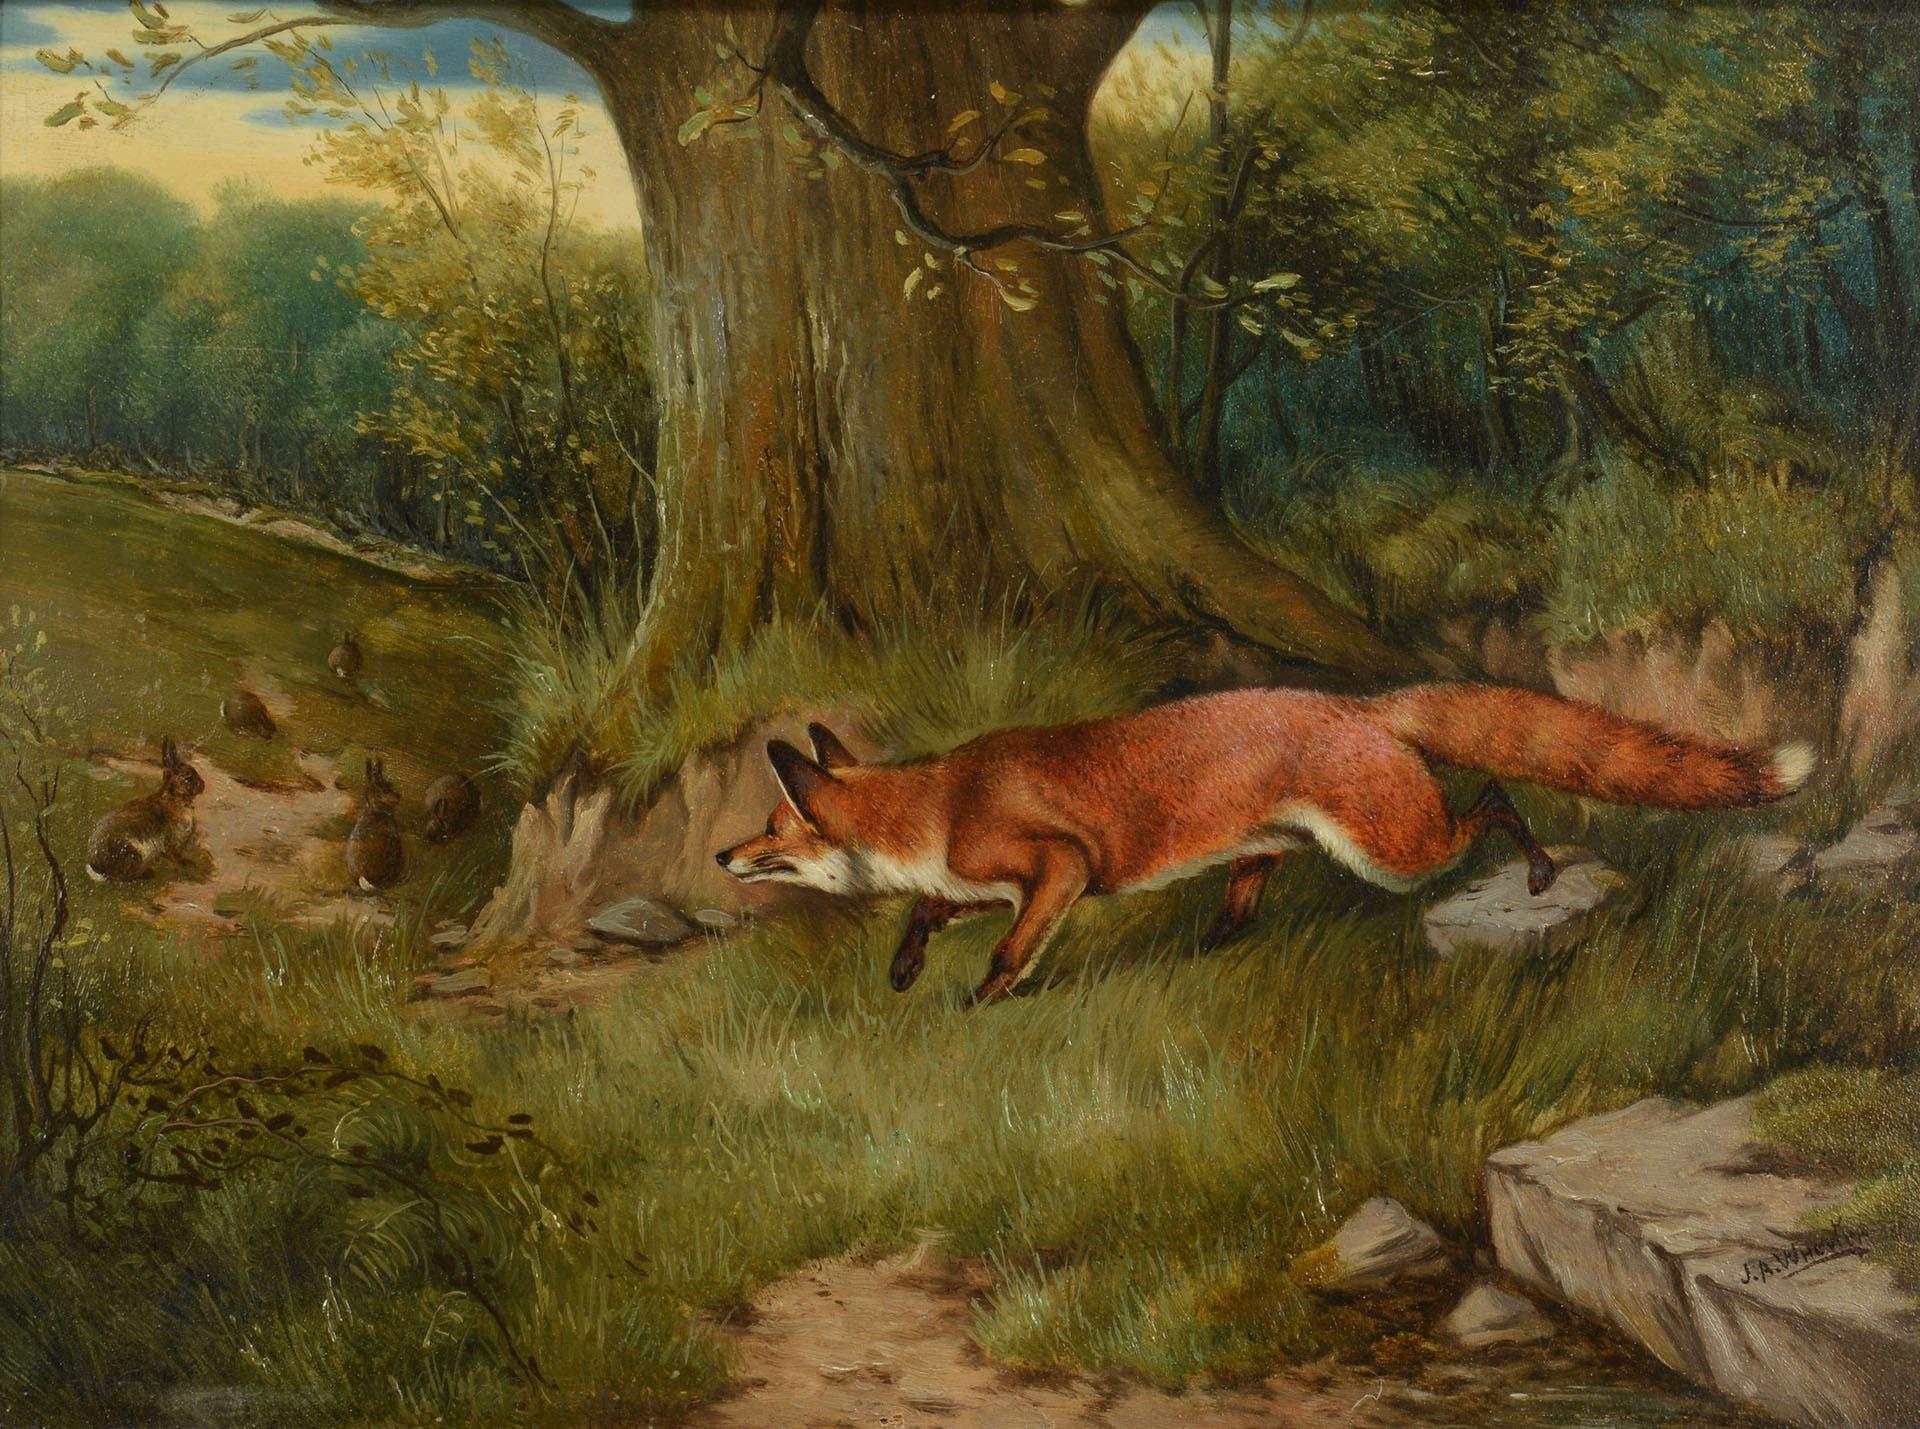 لوحة زيتية تجسد أحد الثعالب الحمراء